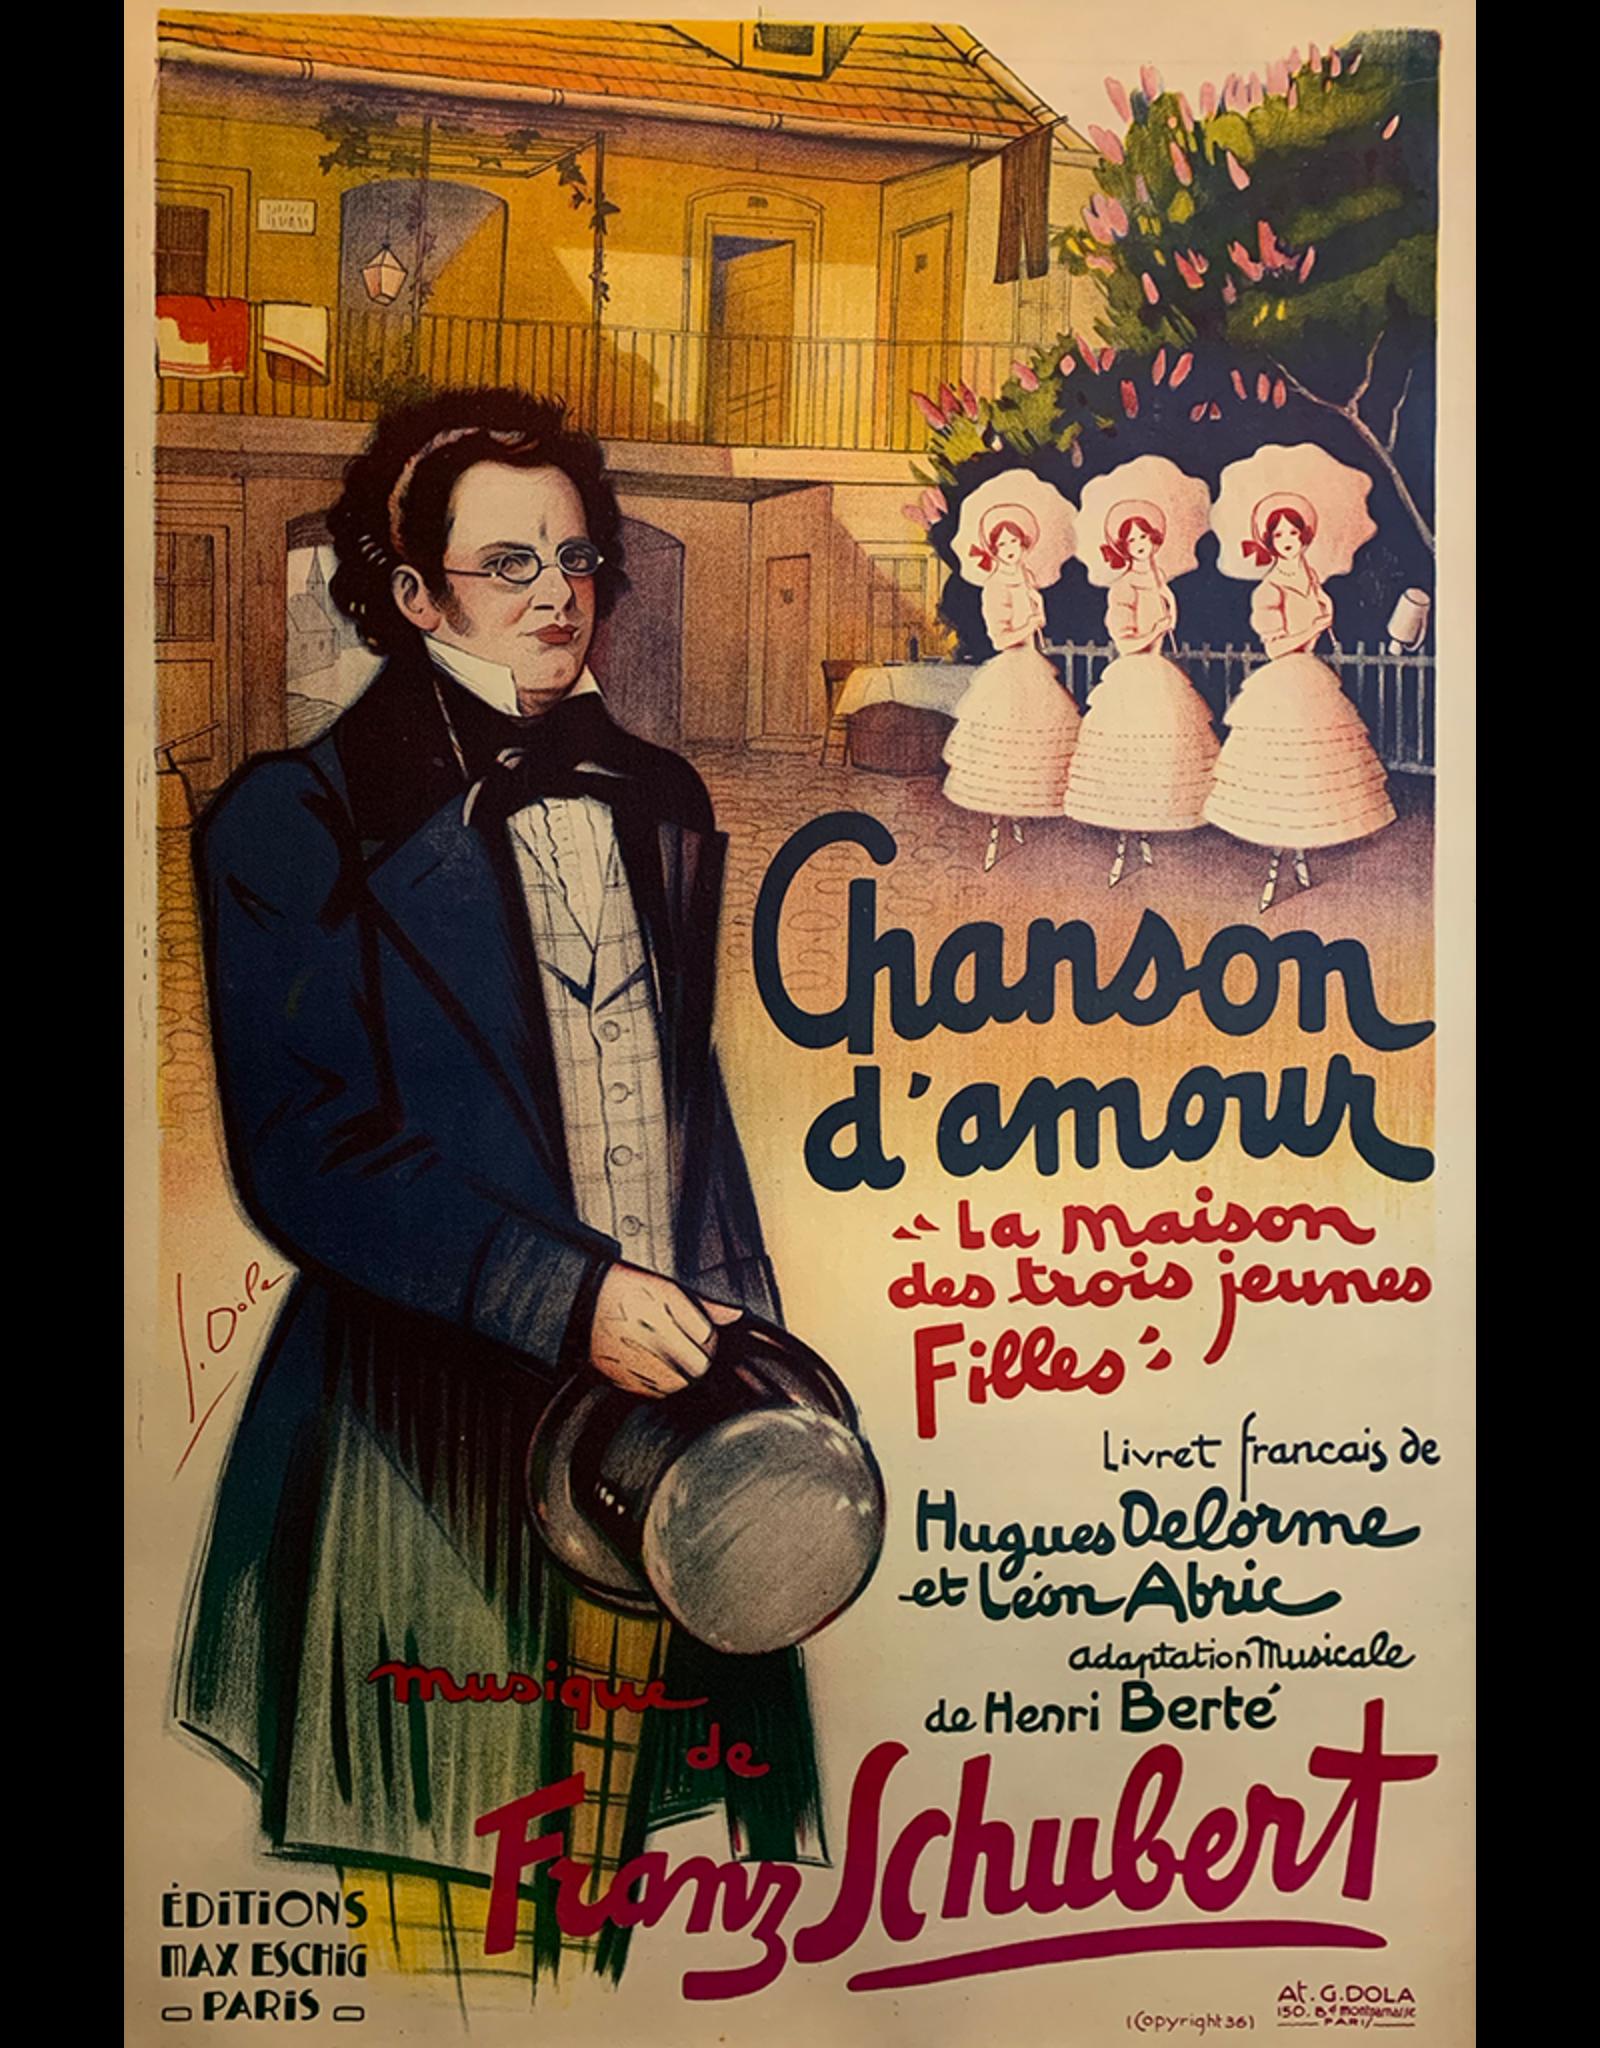 SPV Chanson d'Amour